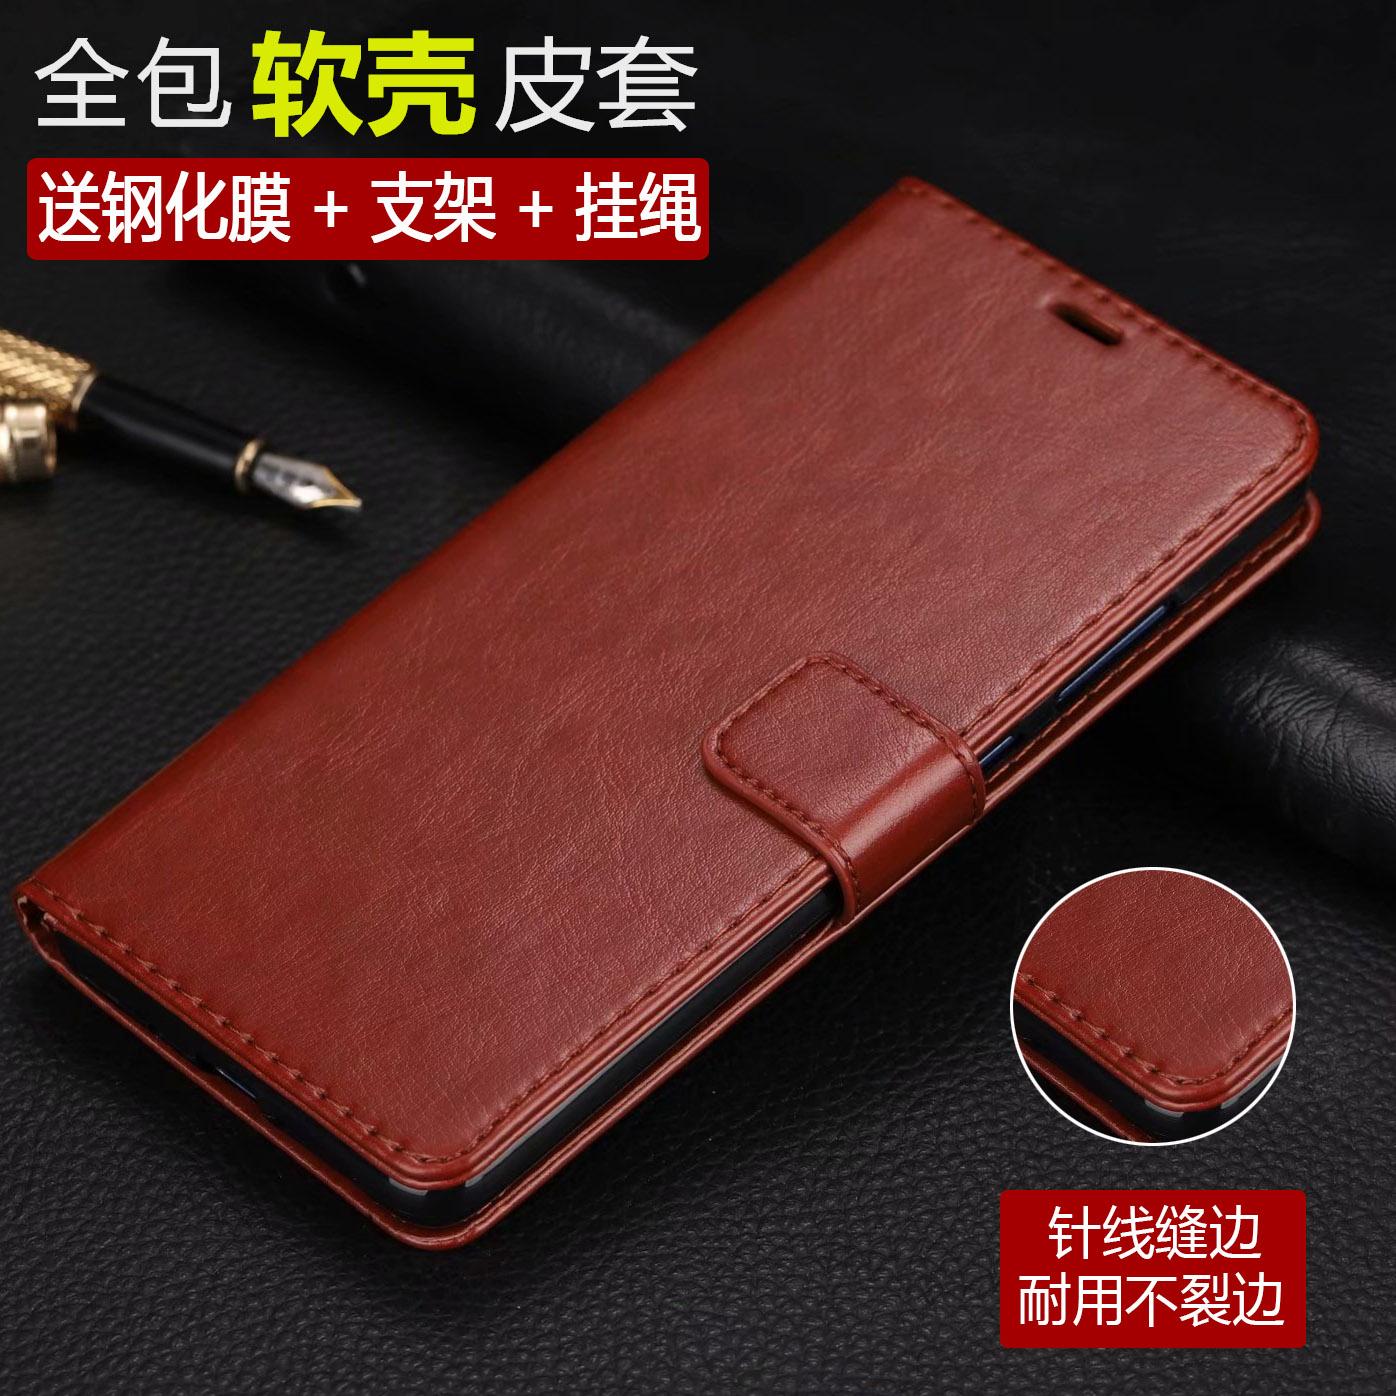 iphone6手机壳6splus苹果7/8/x保护4s皮套5s/SE翻盖xr男xs防摔max